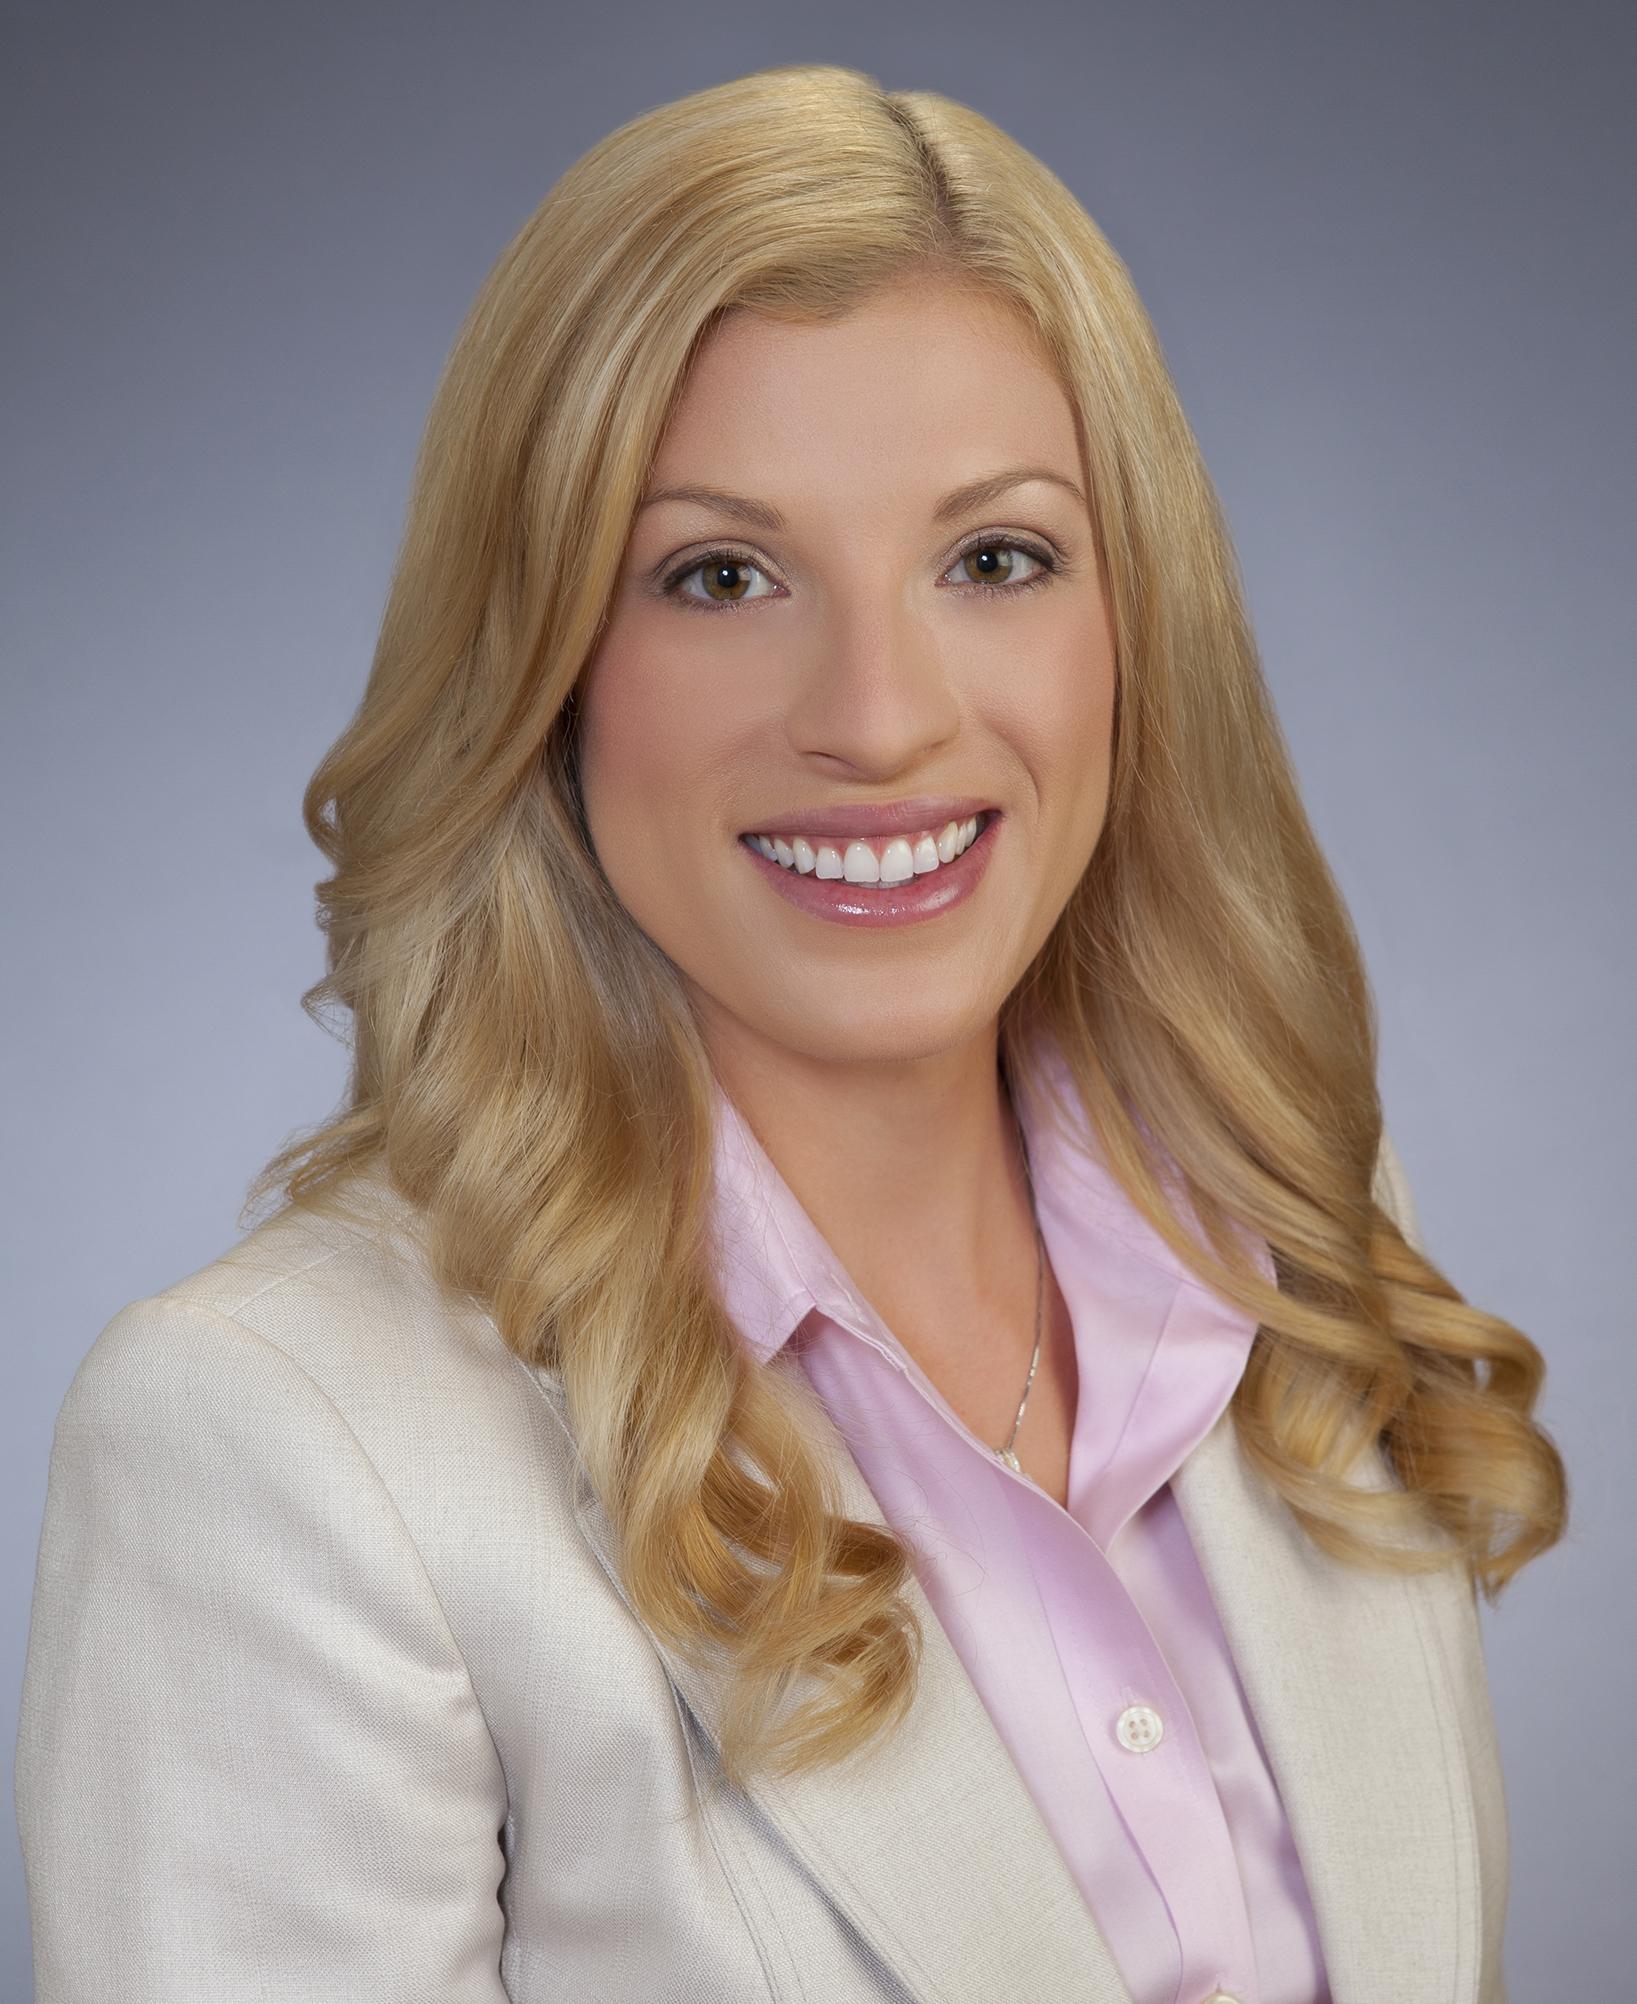 Photo of Stephanie C. Lieb